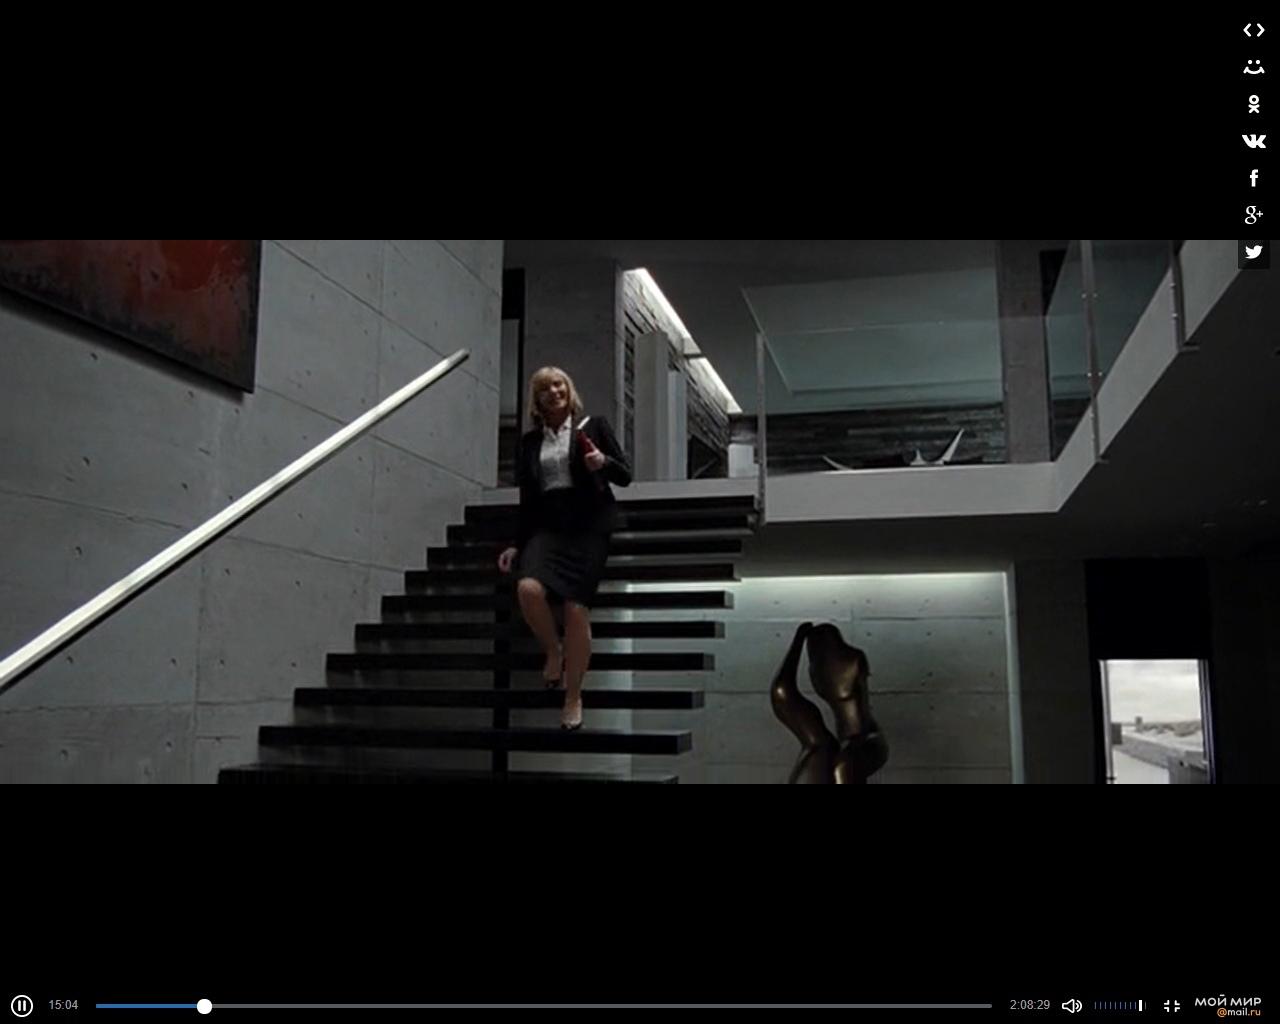 Здесь героиня идёт по лестнице, ступеньки консольно вмонтированы в стену, но из-за большой длинны под тяжестью человеческого тела они слегка дают амплитудные колебания. Недостаточно большие, но заметные. И режиссёр это тоже показал.